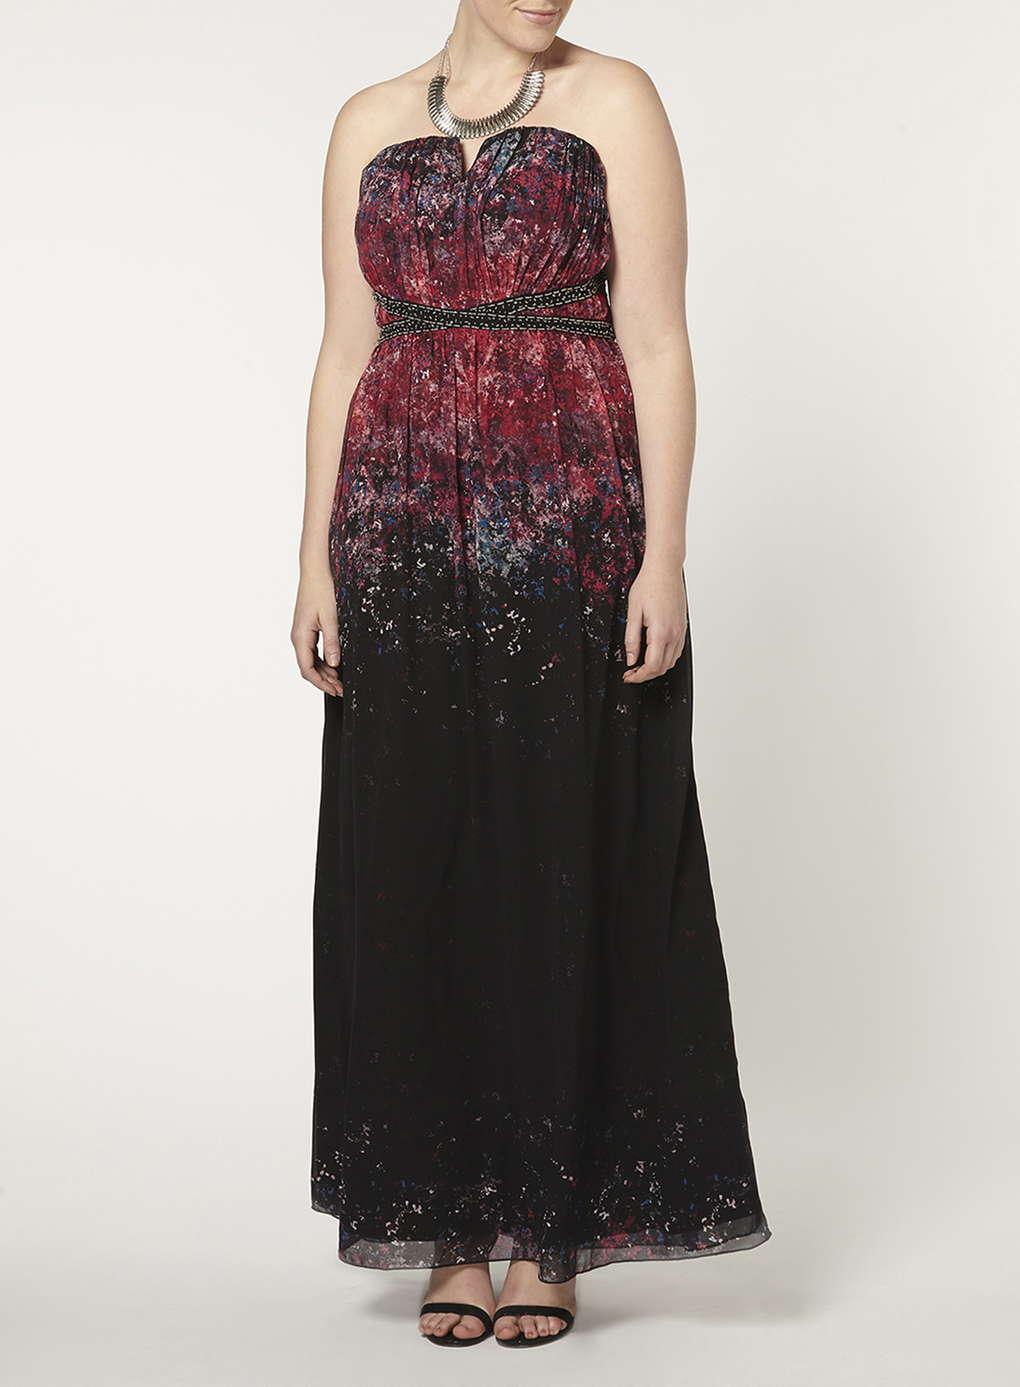 Büyük Beden Uzun Abiye Elbise Modelleri - Gece Elbiseleri - plus size dresses (22)